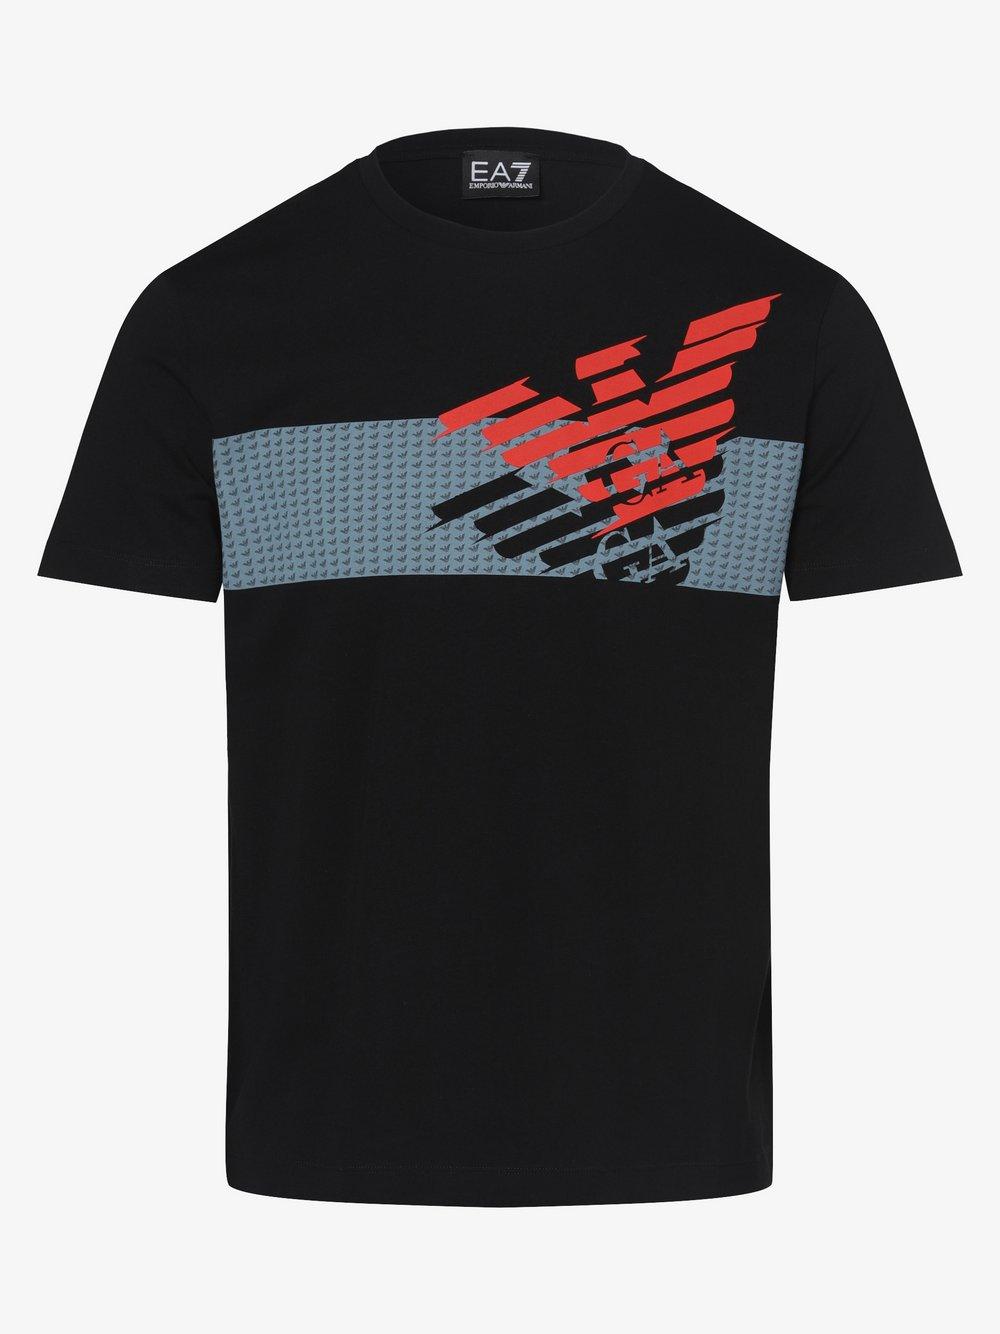 EA7 Emporio Armani - T-shirt męski, czarny